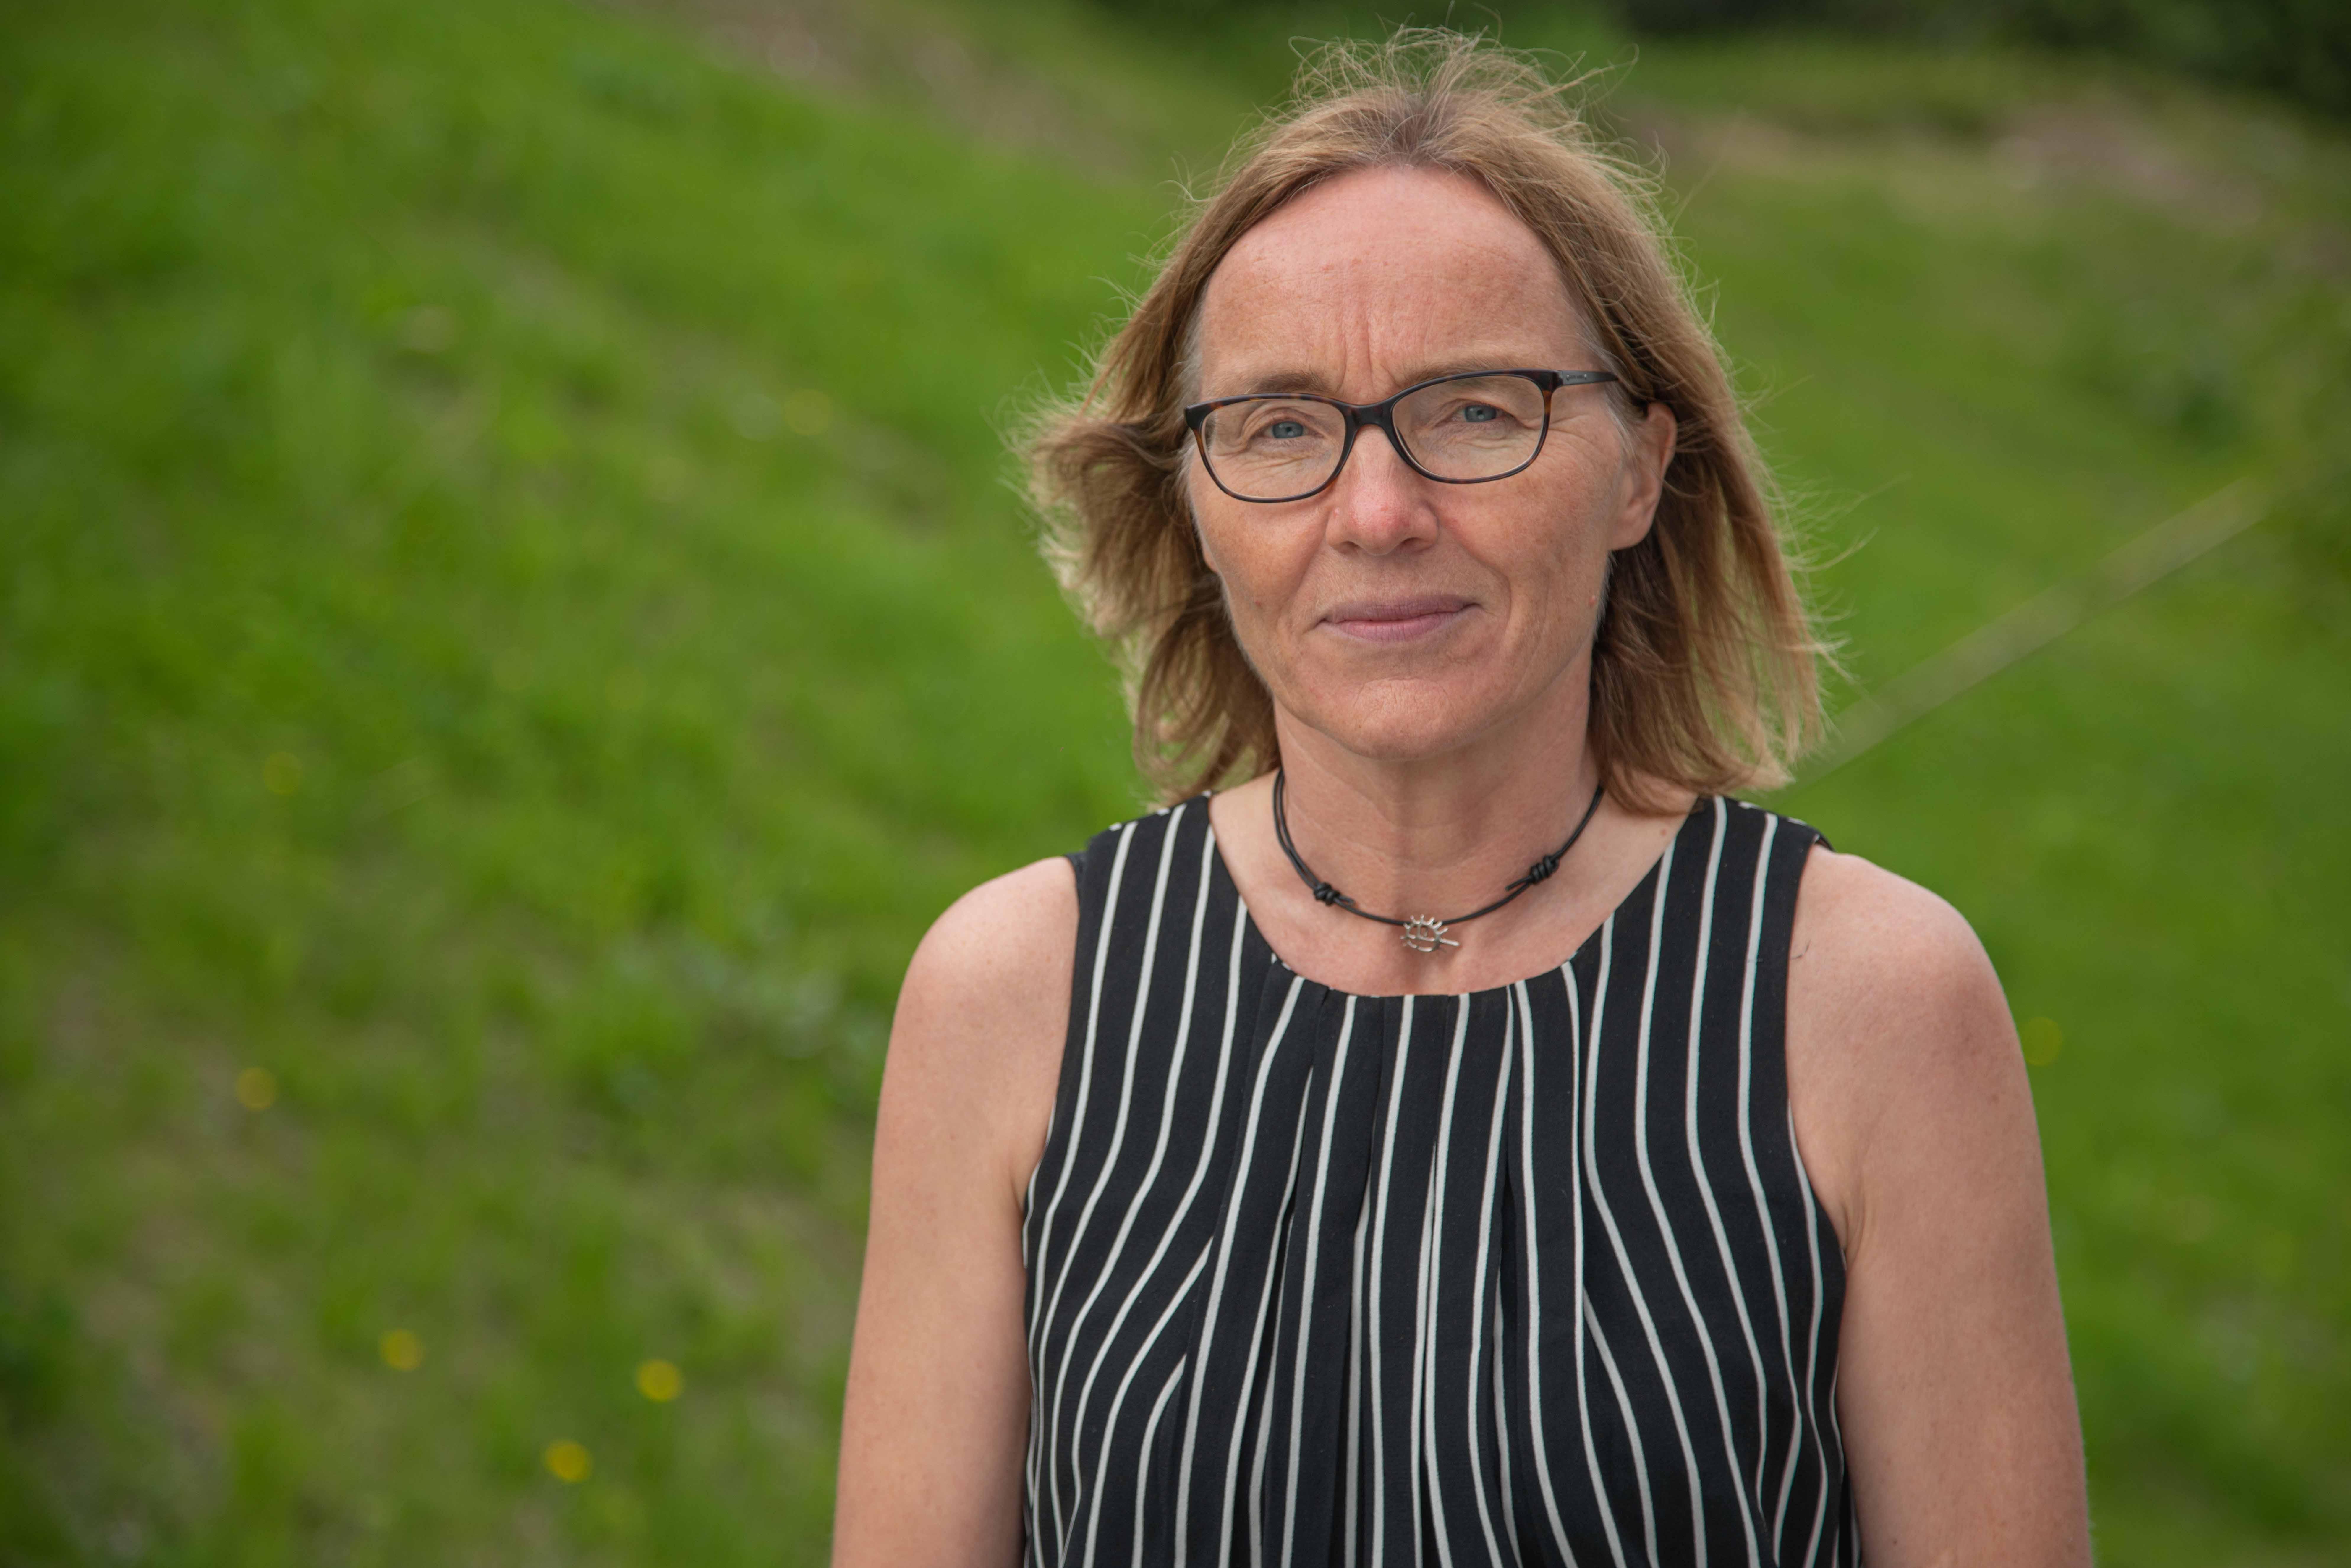 Vi gratulerer seniorforsker ved NSDM Margrete Gaski med opprykk til Forsker 1 !